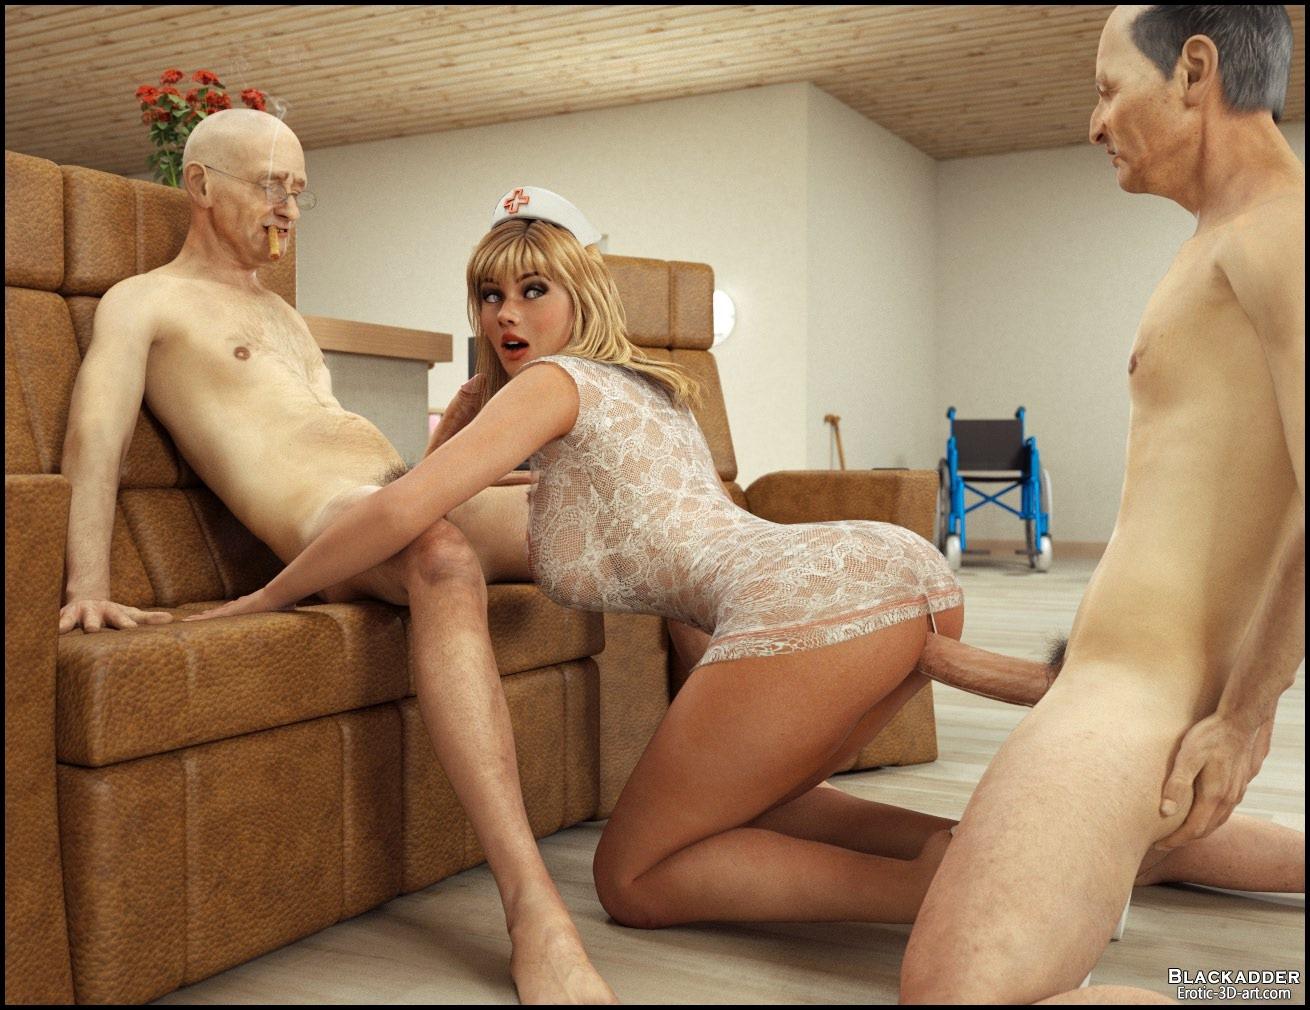 смотреть бесплатно видео порно дедушек